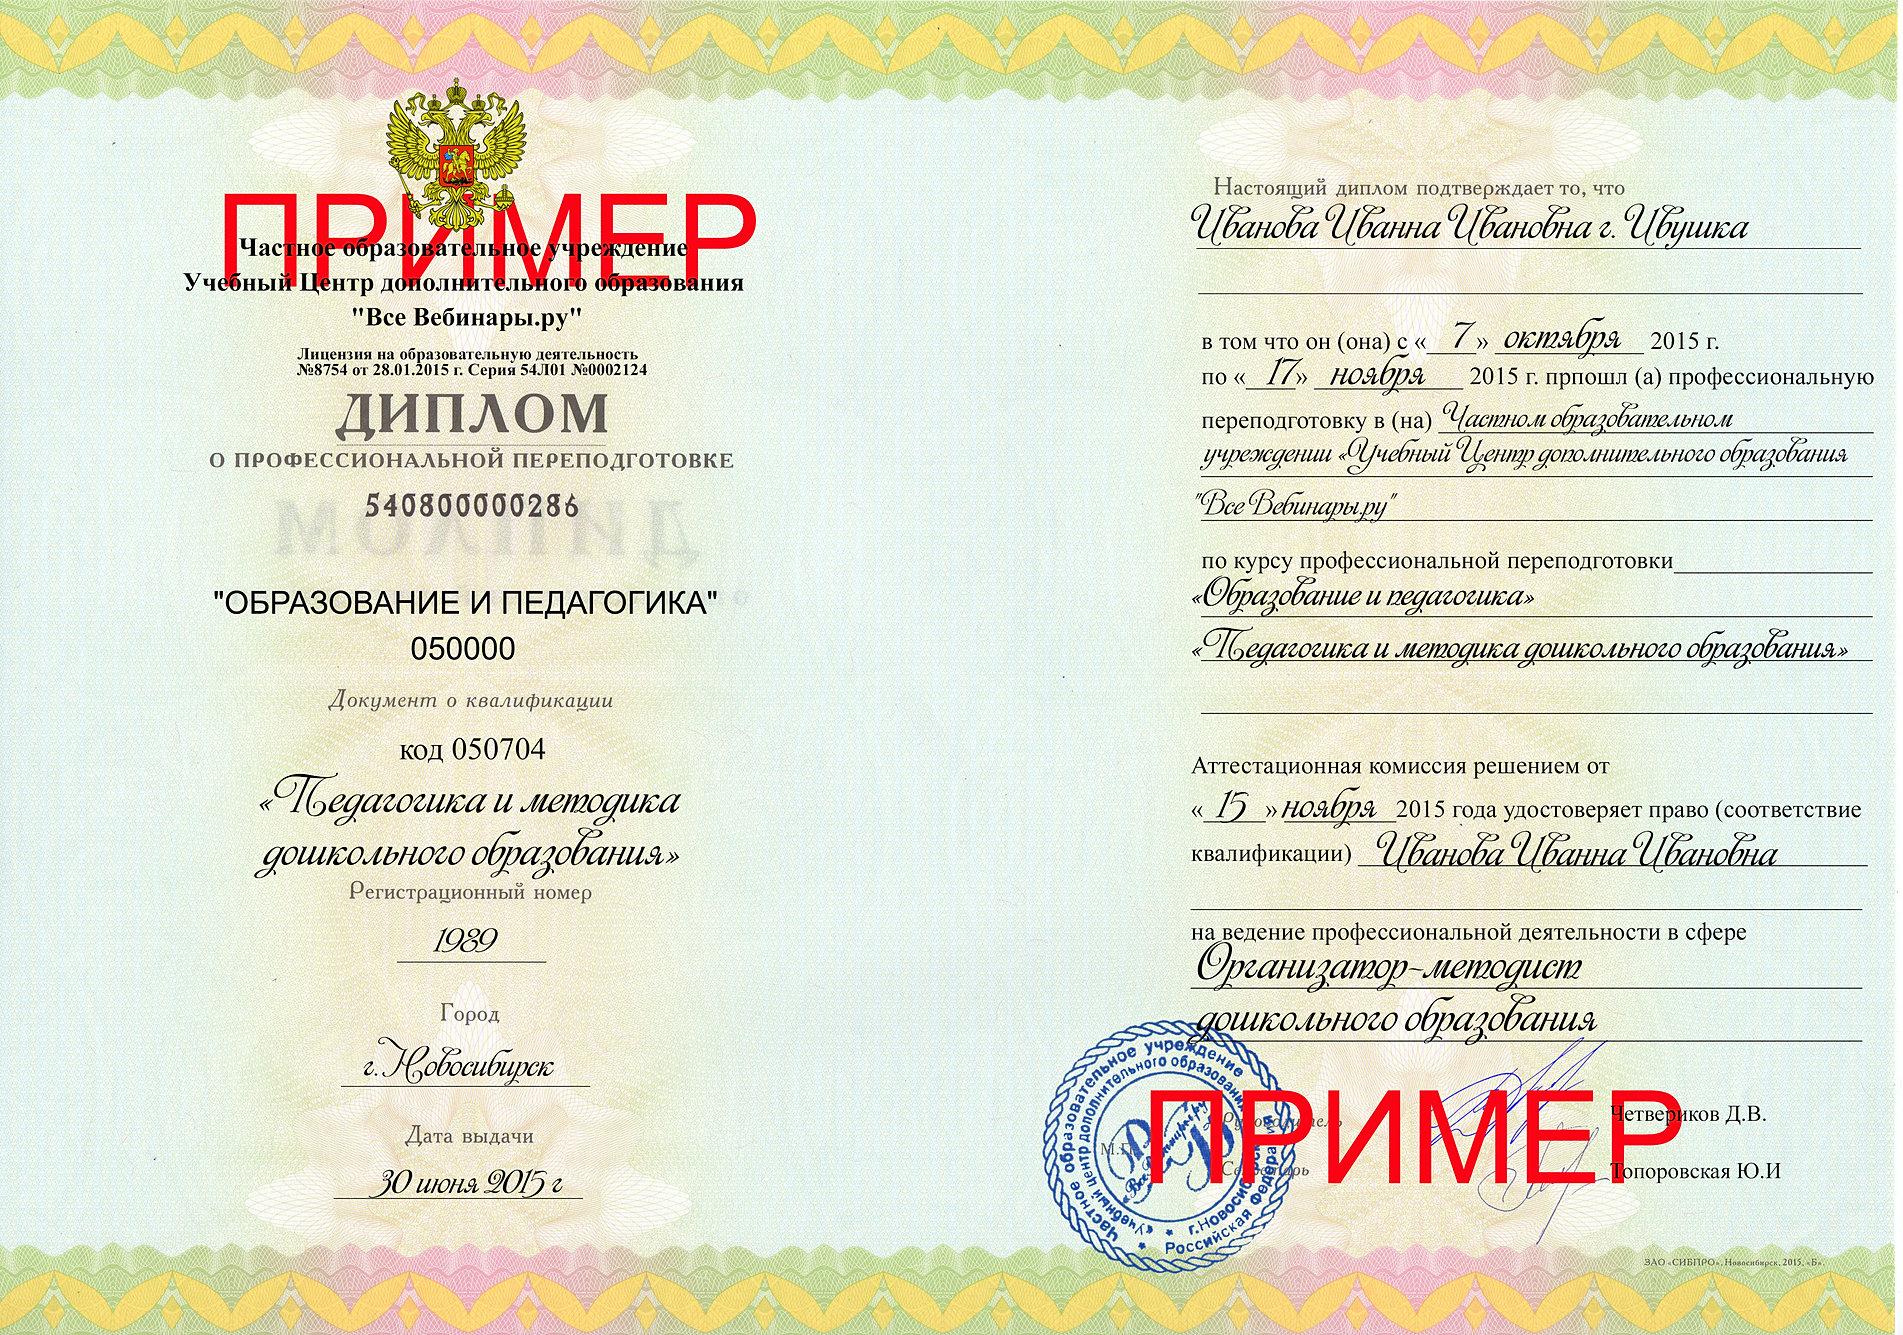 Проверить подлинность украинского диплома  Защита прав потребителей Кредиты и готовый диплом купить долги Оферта Договор Договор поручительства проверить подлинность украинского диплома Накладная